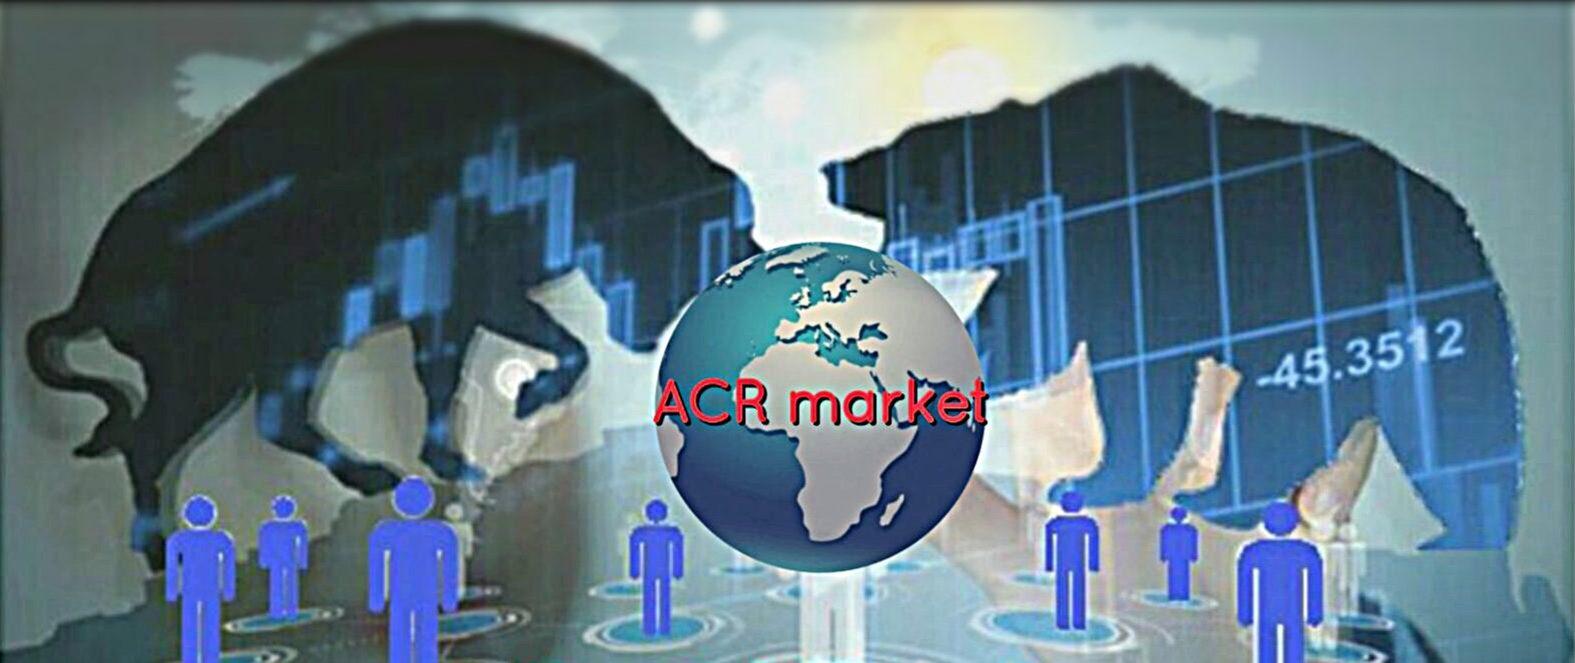 ACRMARKET.COM